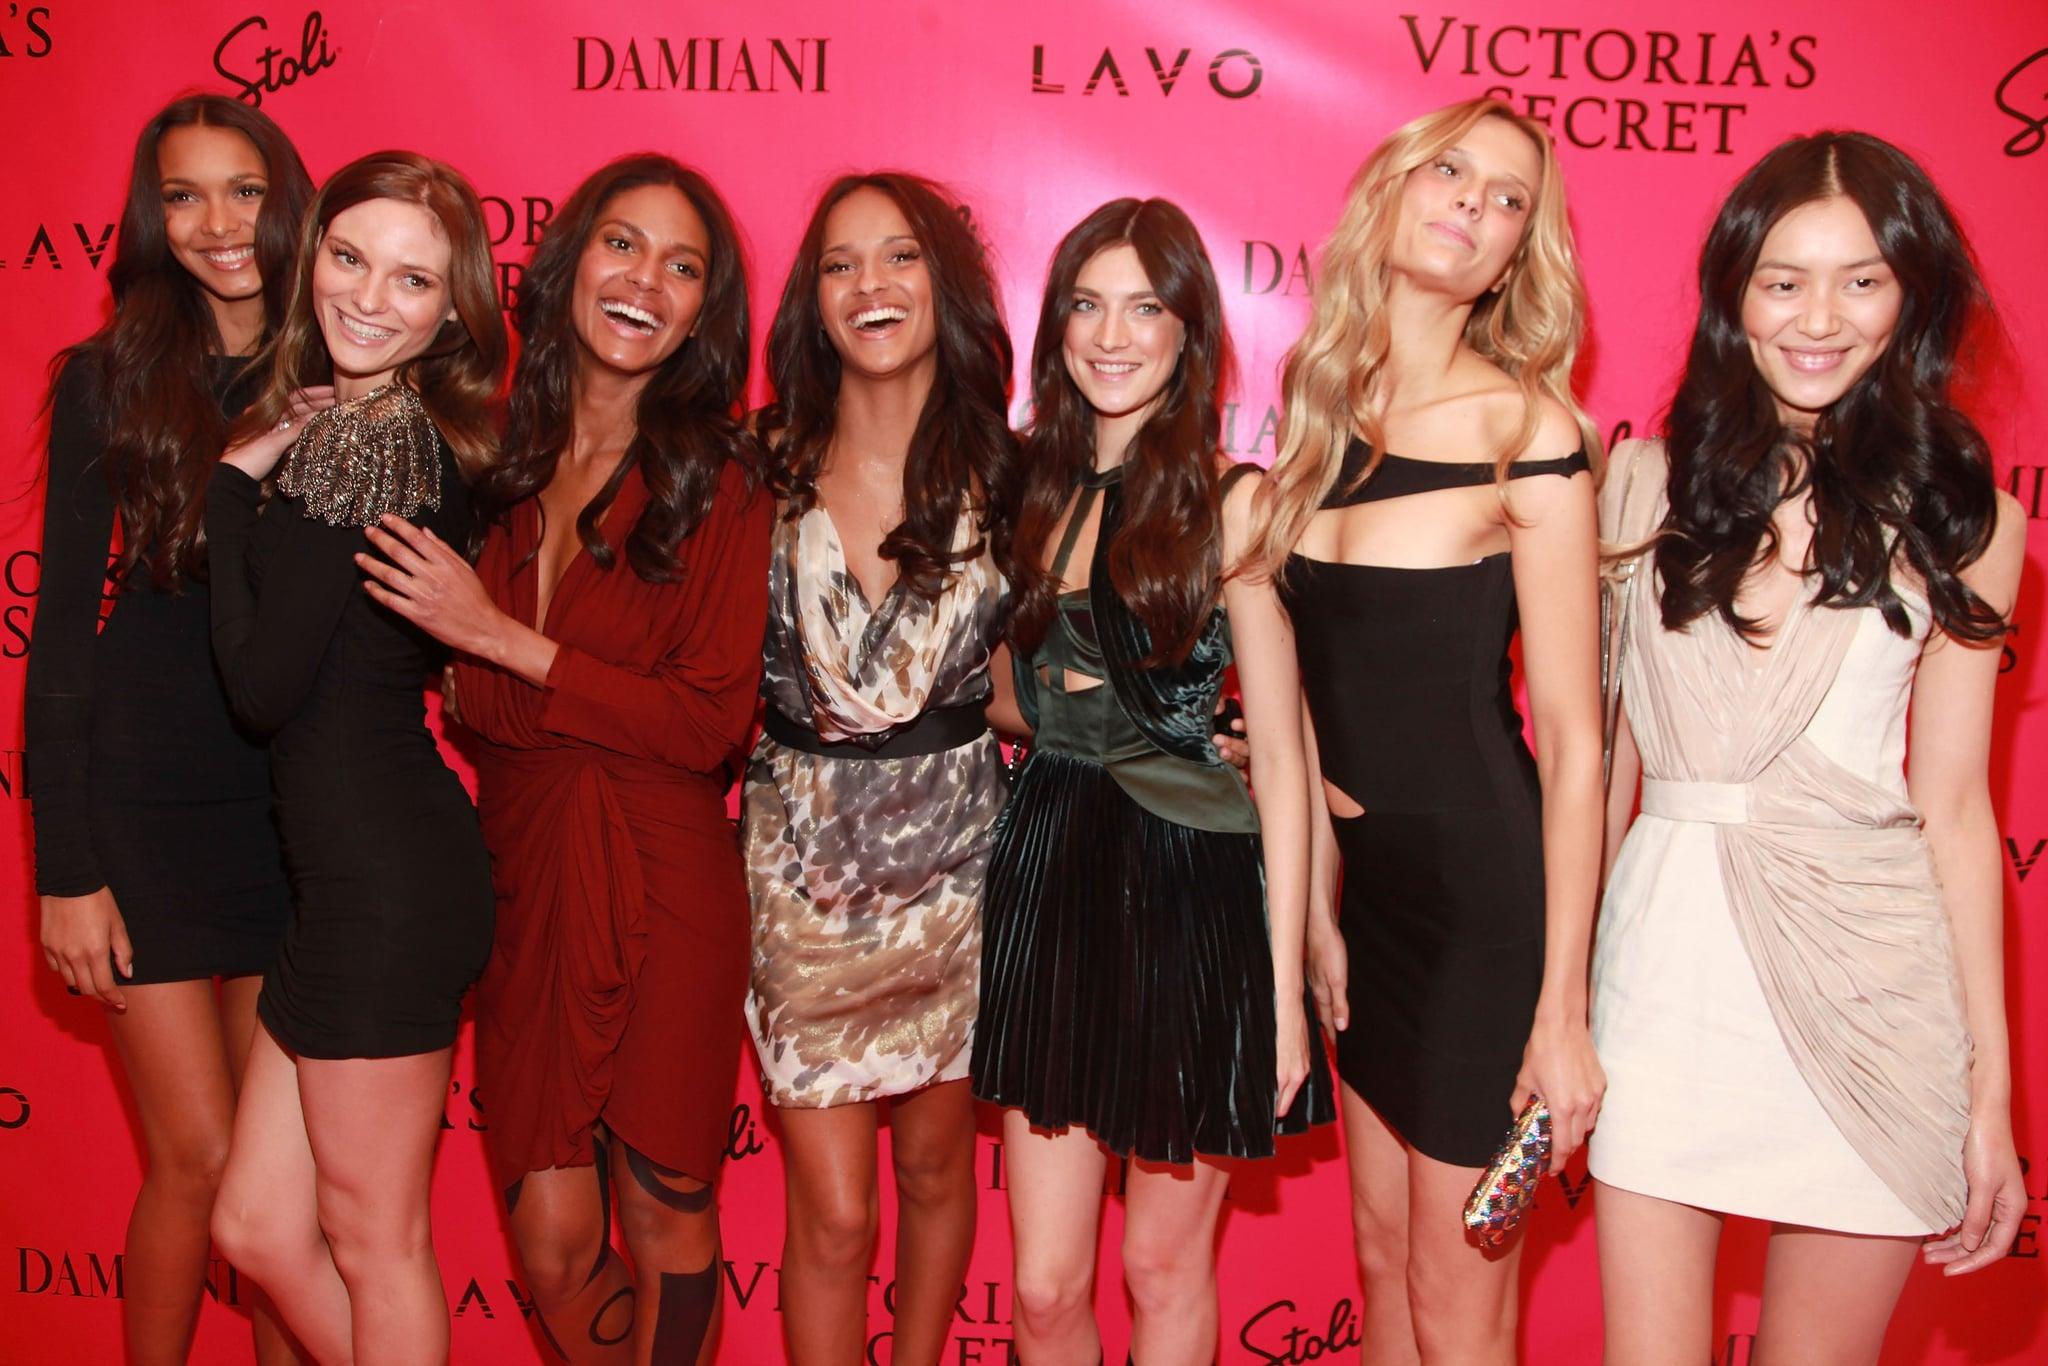 Lais Ribeiro, Fabiana Semprebom, Emanuela de Paula, Gracie Carvalho, Jacquelyn Jablonski, Martha Streck, Liu Wen